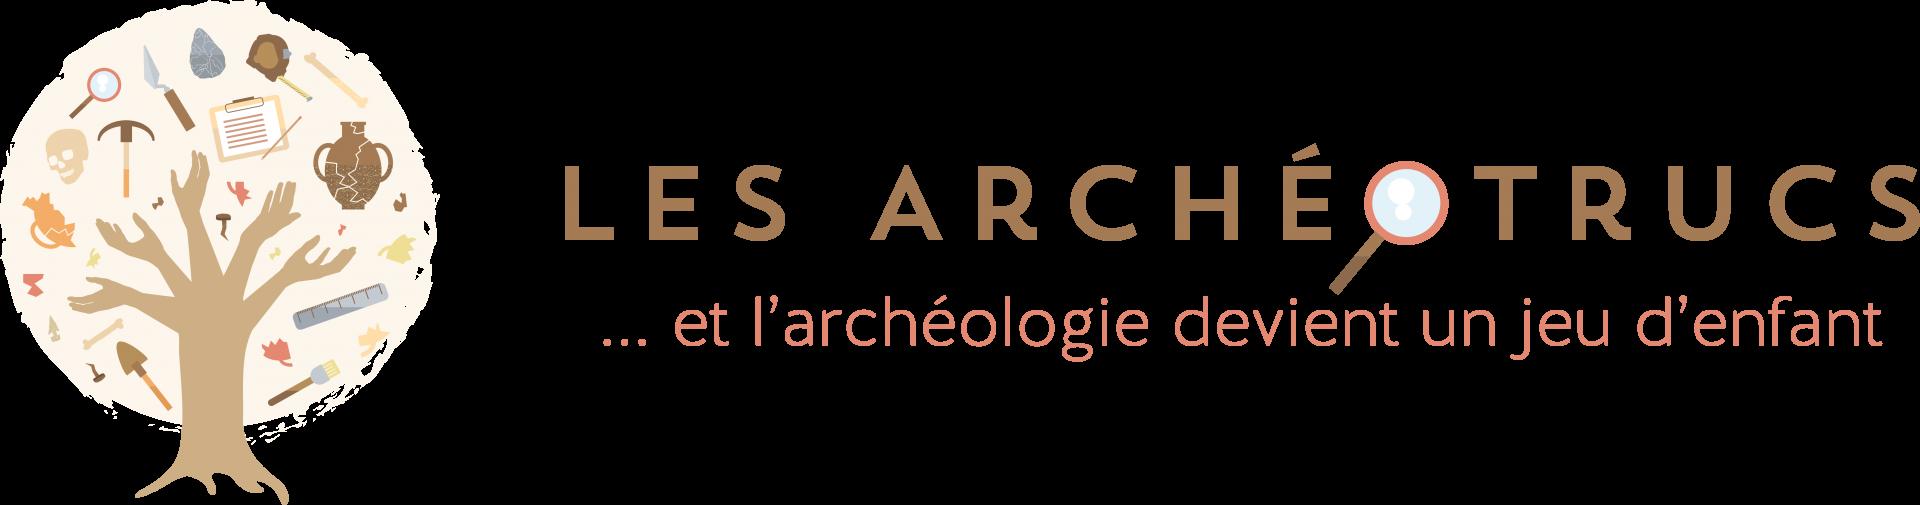 Les archéotrucs